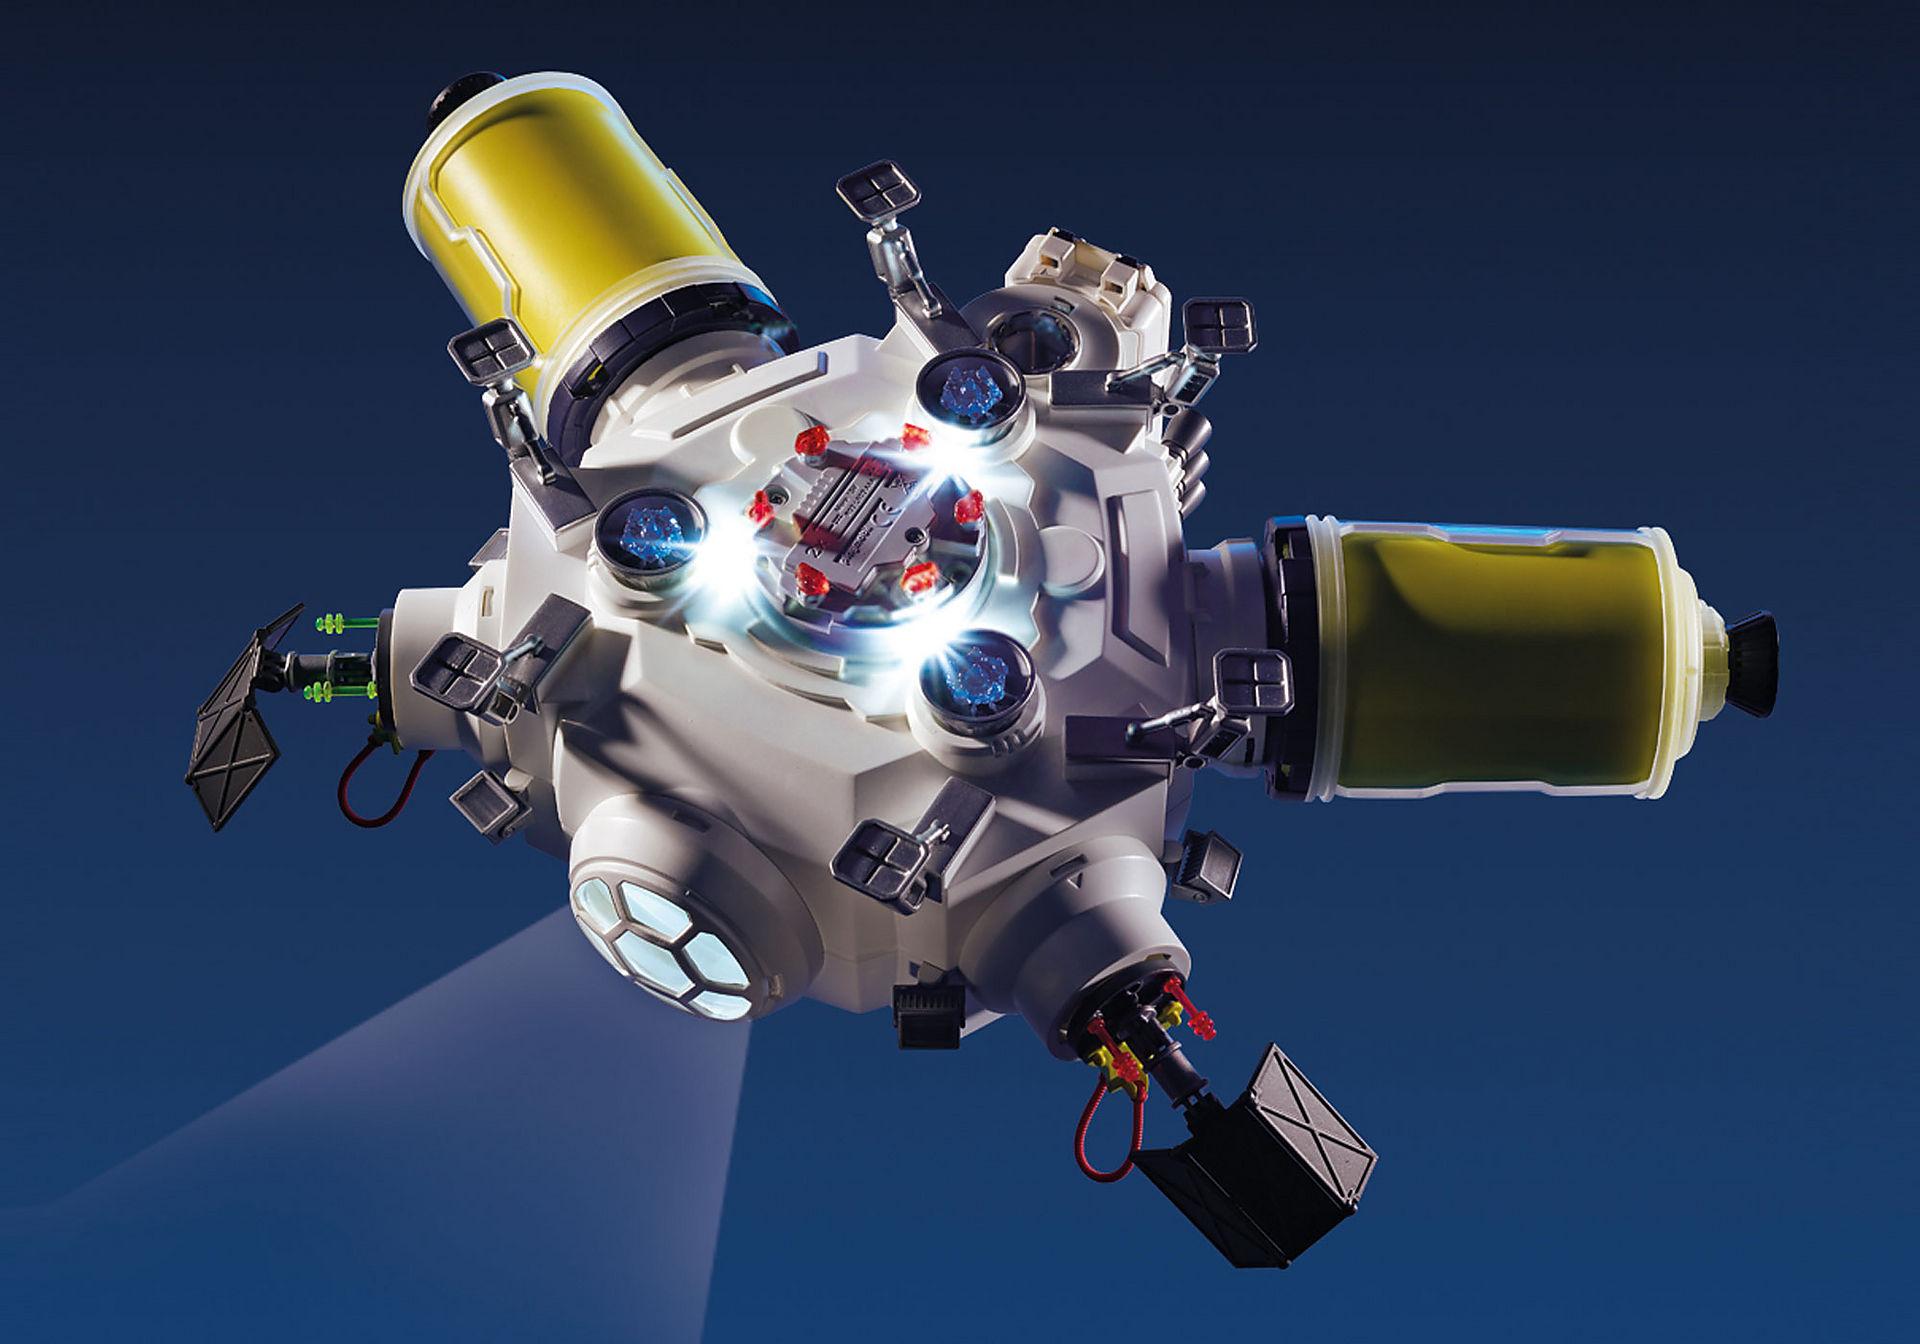 9487 Διαστημικός Σταθμός στον Άρη zoom image5